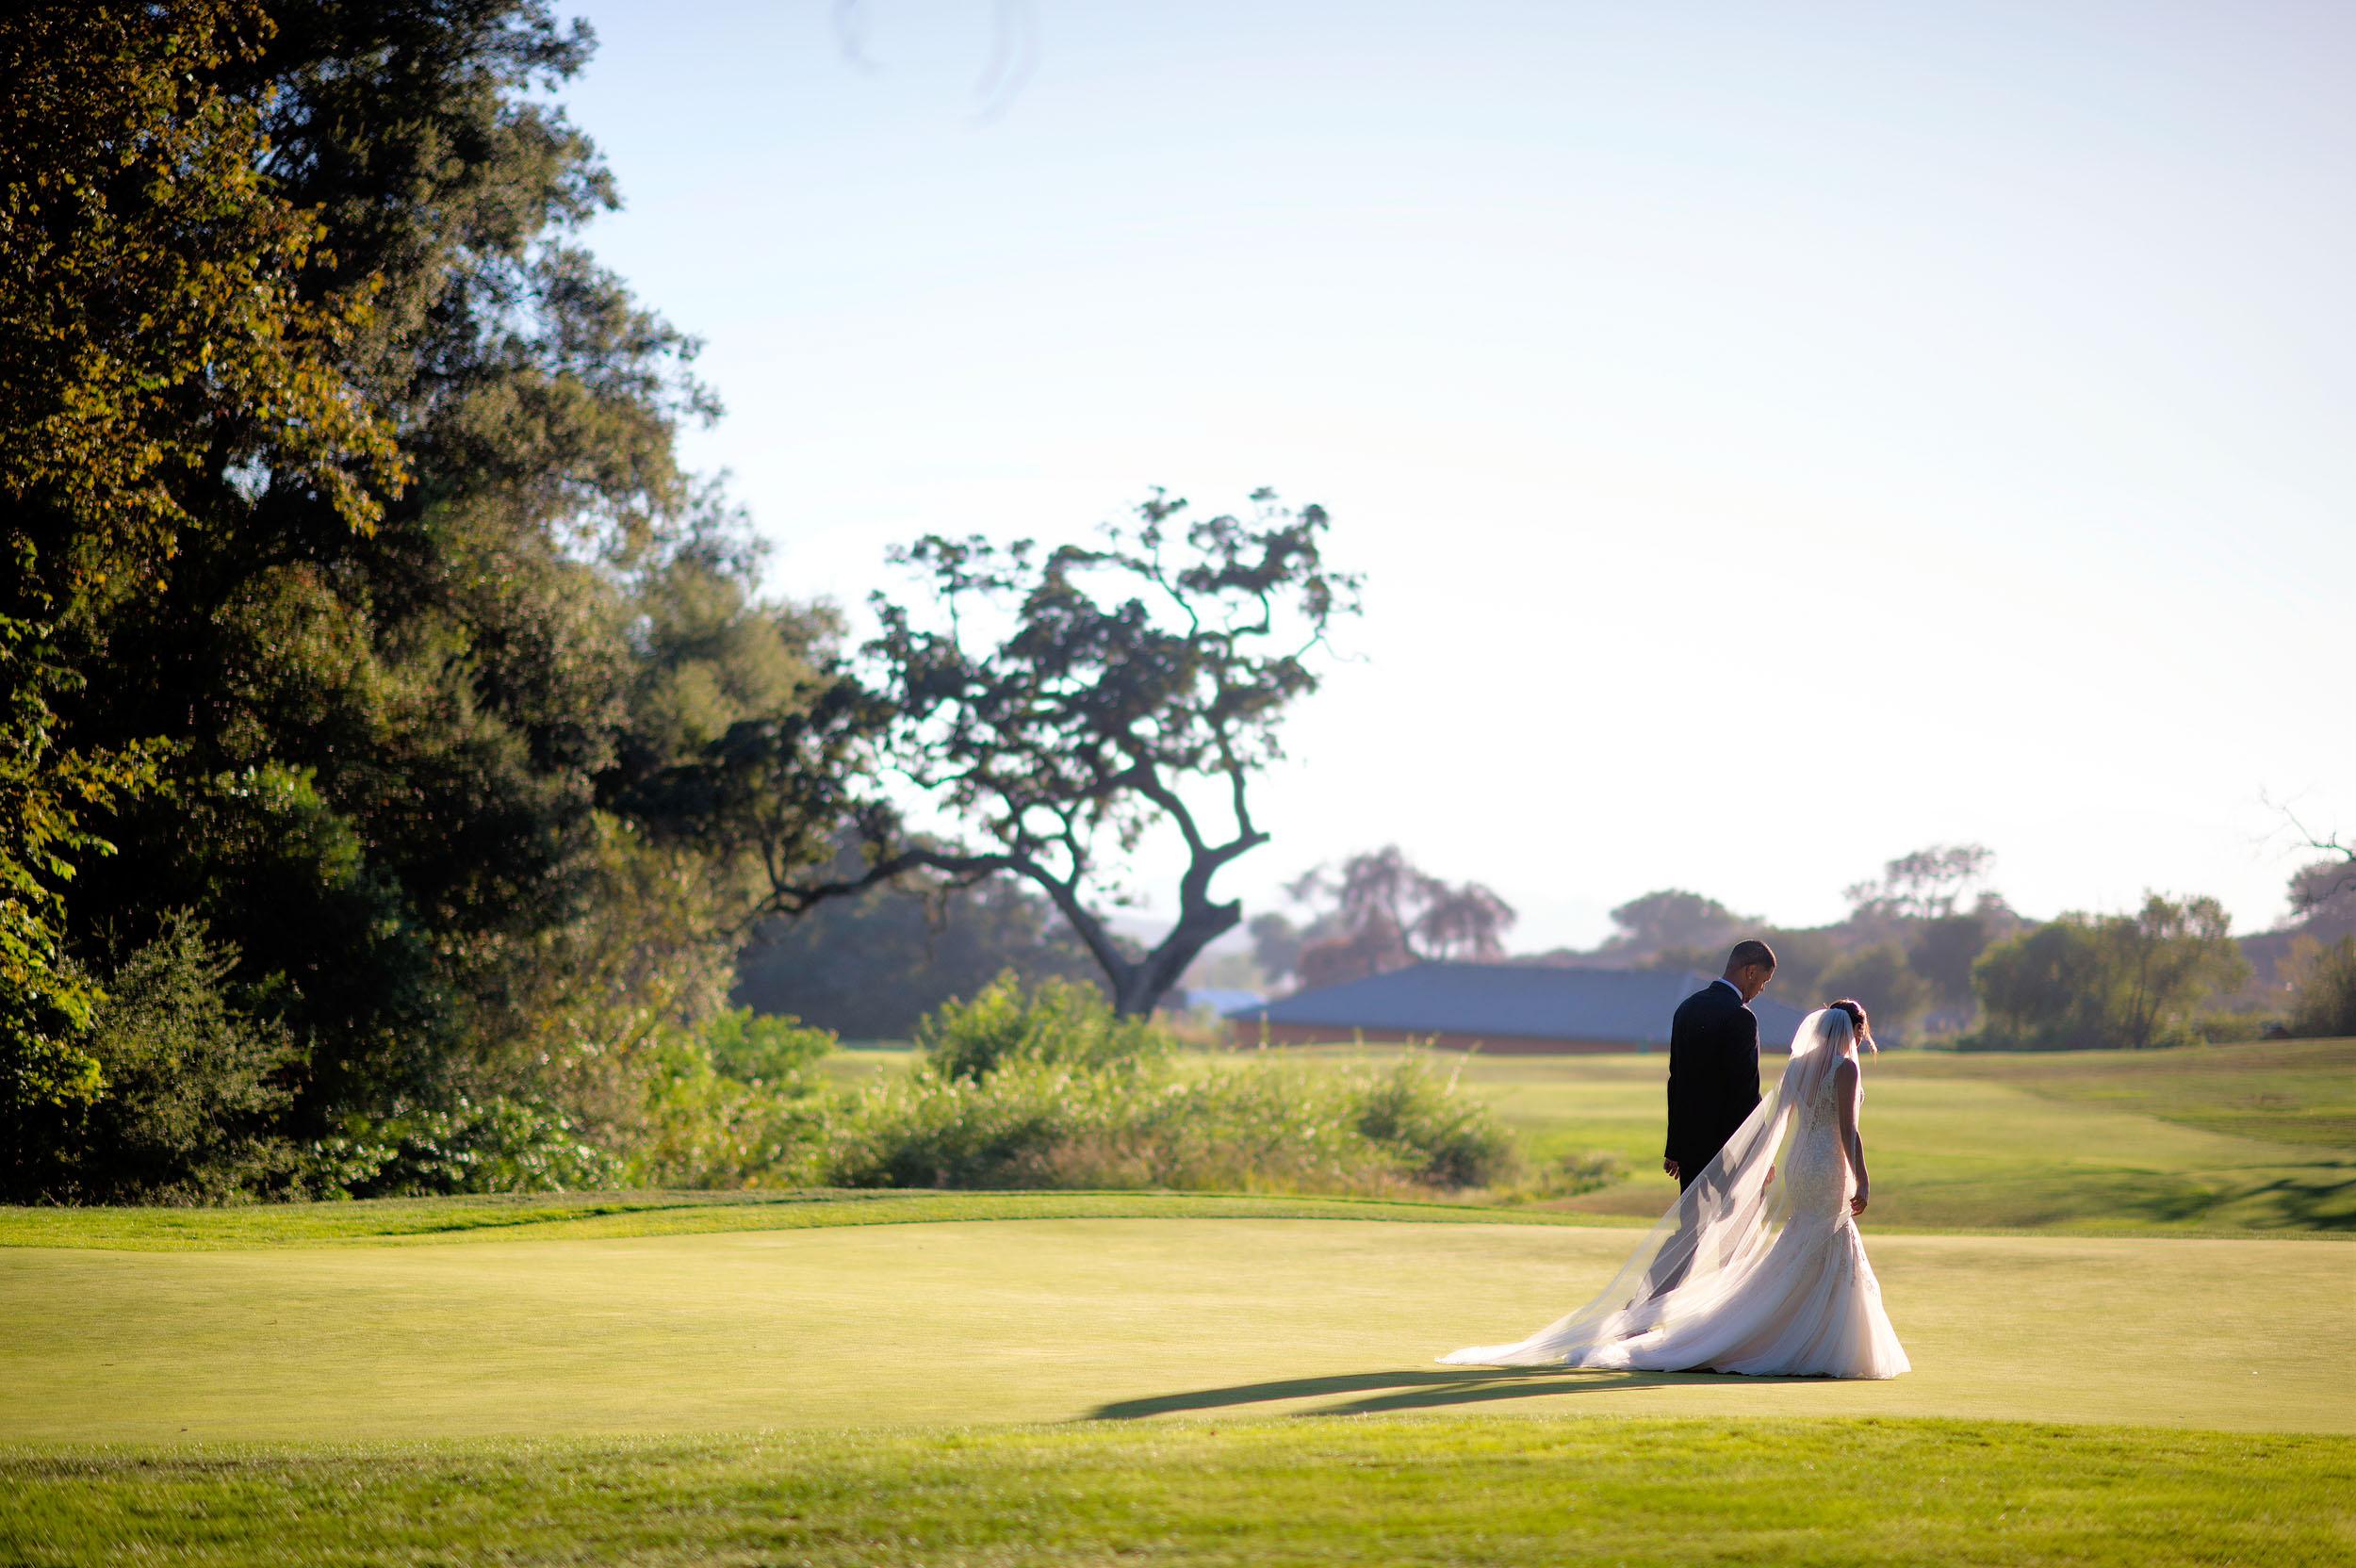 Bride and groom walking at CrossCreek Golf Club in Temecula.